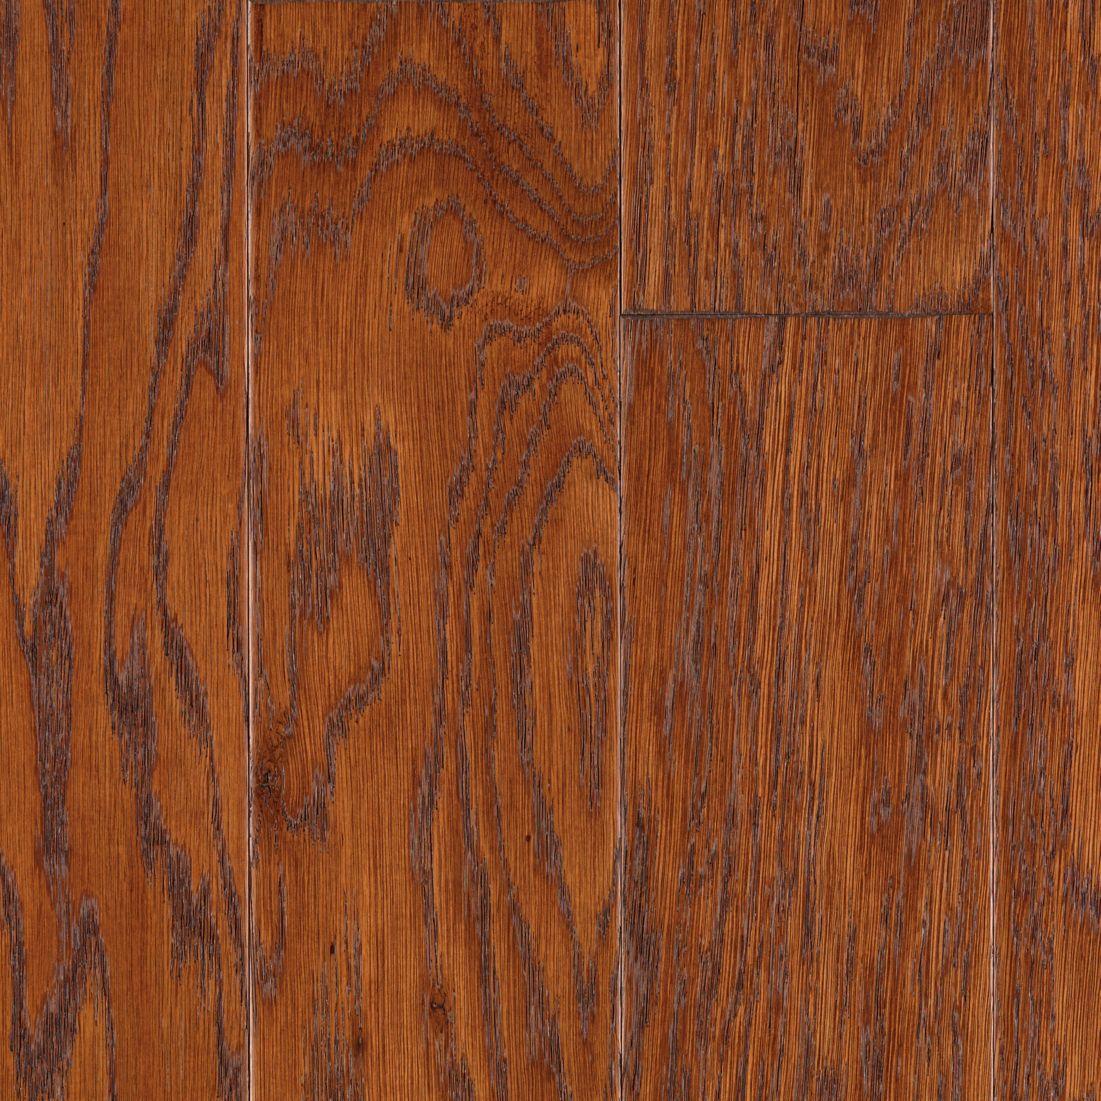 Hardwood Atherton WEC71-06 OakChestnut